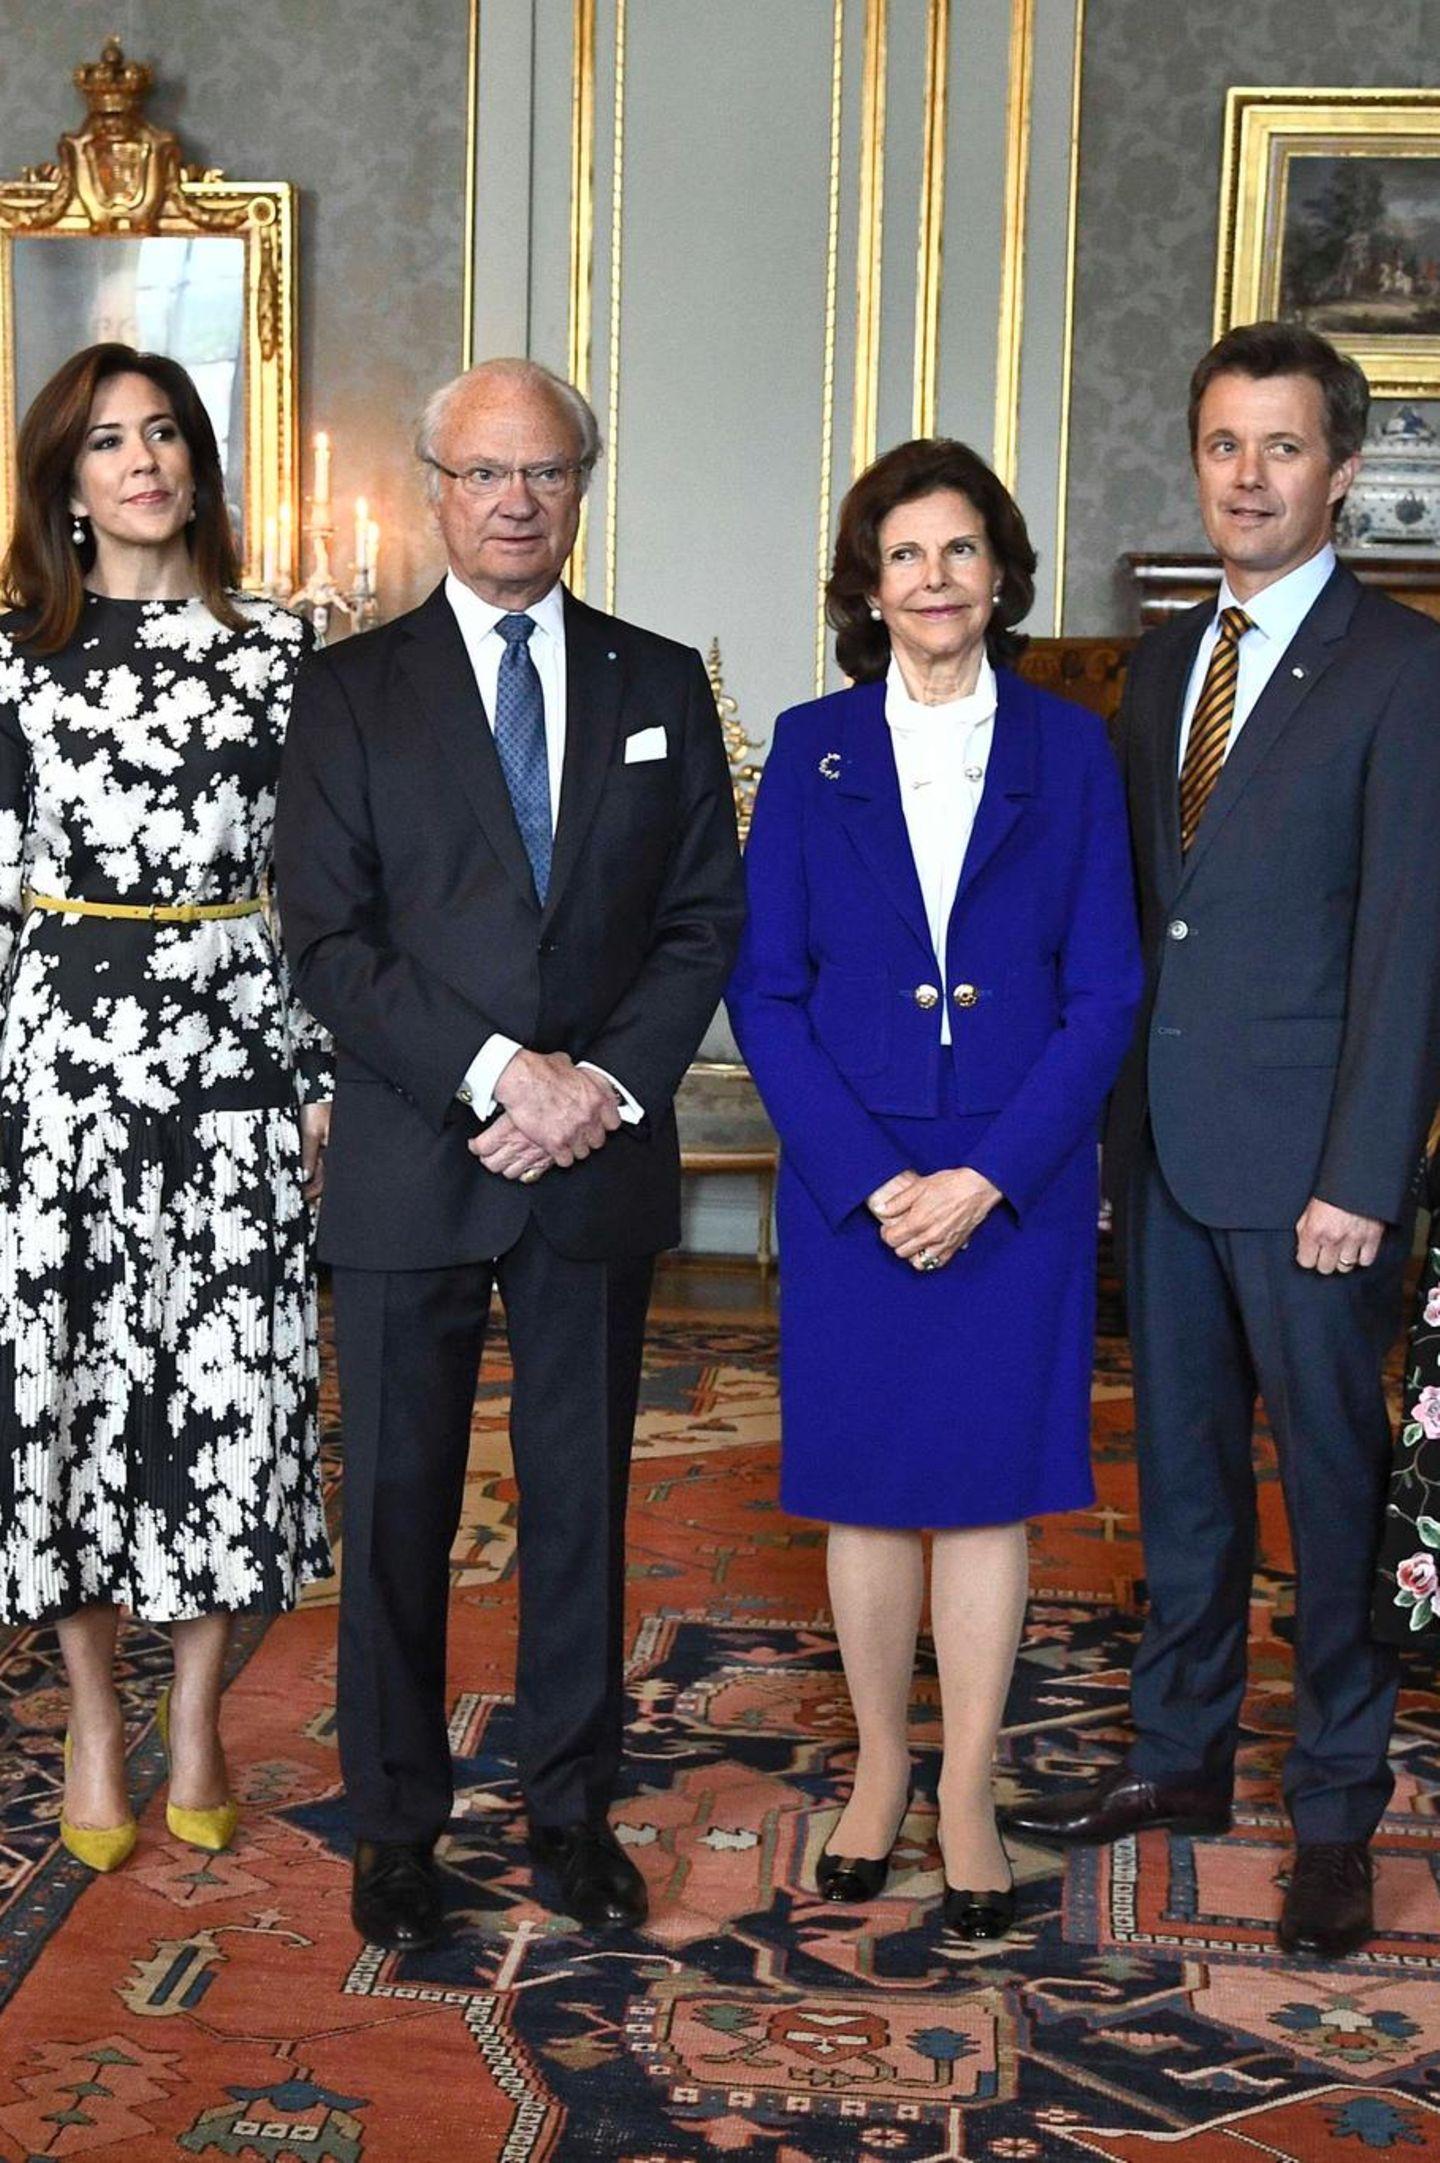 Tag 2  Am Mittag des zweiten Besuchstages geht es ins Schloss, wo König Carl Gustaf, Königin Silvia, Prinz Carl Philip, Prinzessin Sofia, Prinz Daniel und Prinzessin Victoria die Gäste aus Dänemark gemeinsam empfangen.